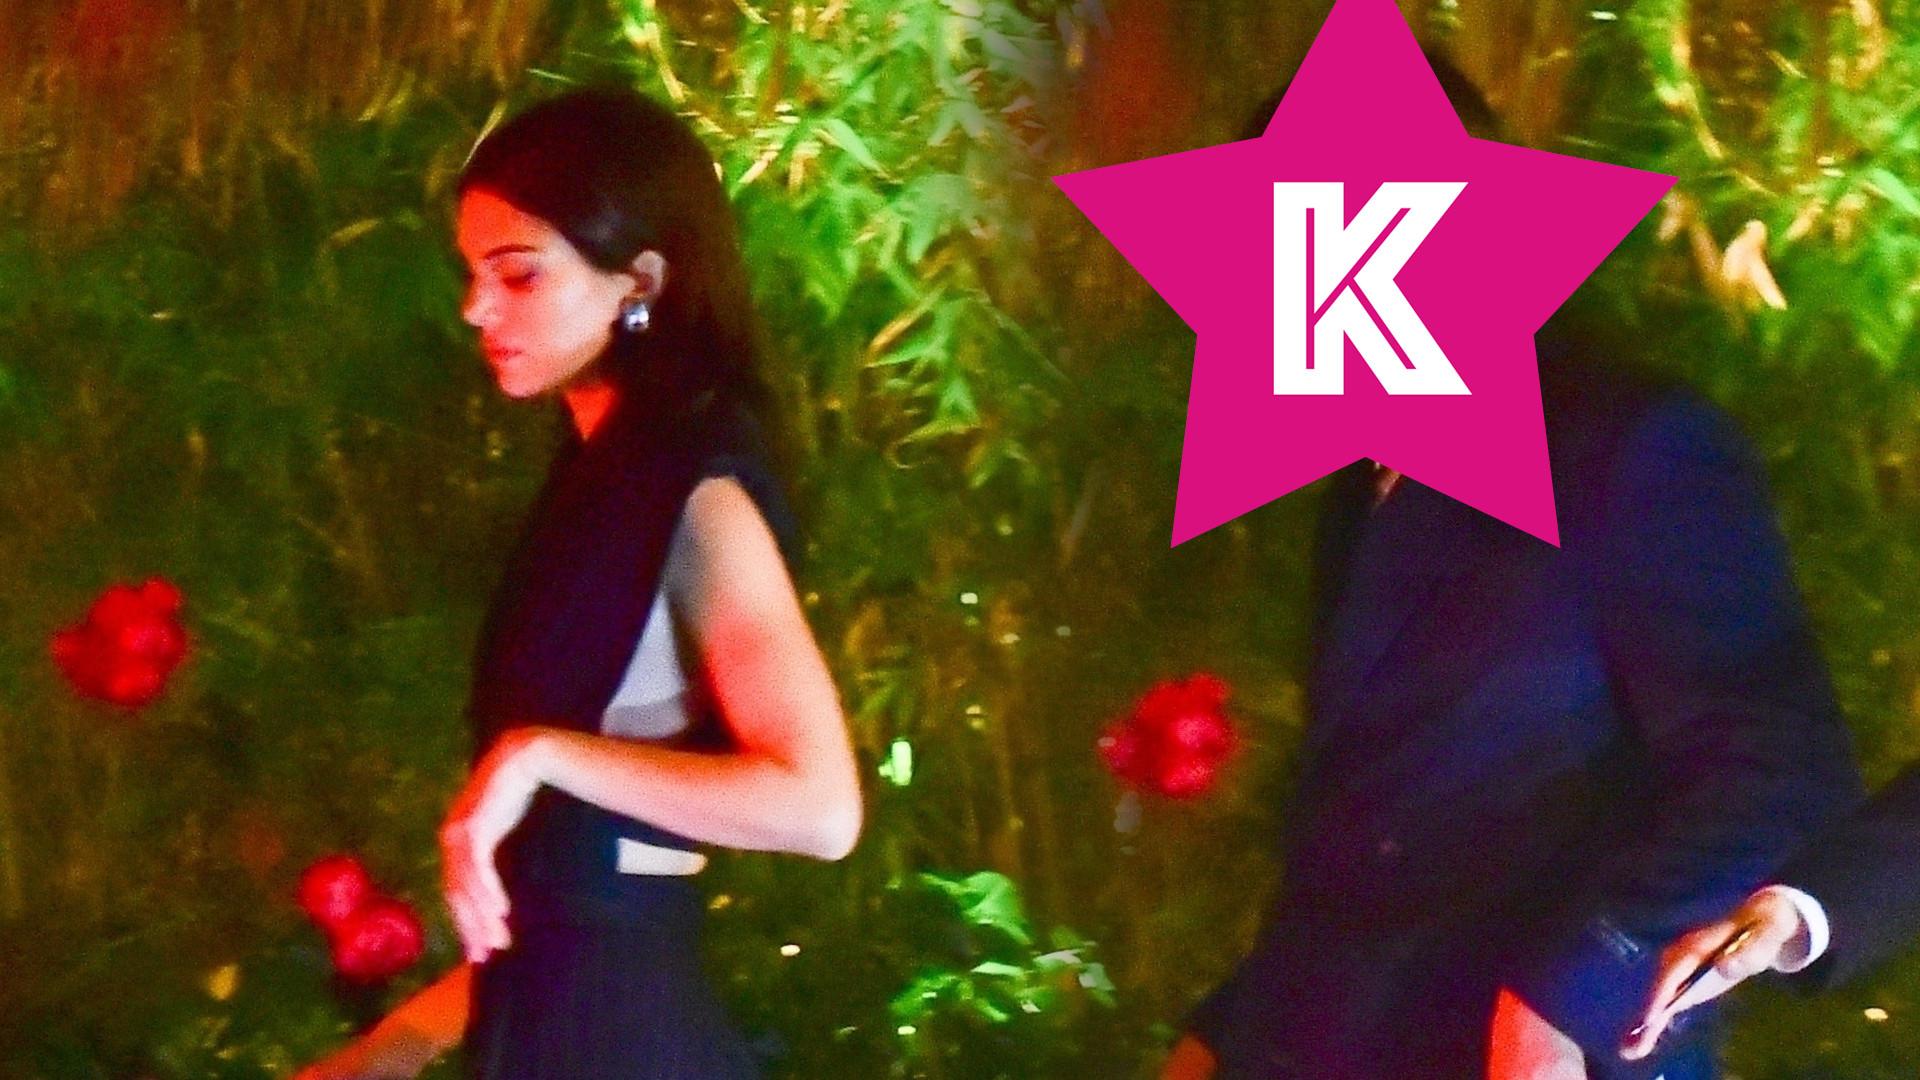 Kendall Jenner poszła z NIM na randkę – ubrała się bardzo elegancko (ZDJĘCIA)